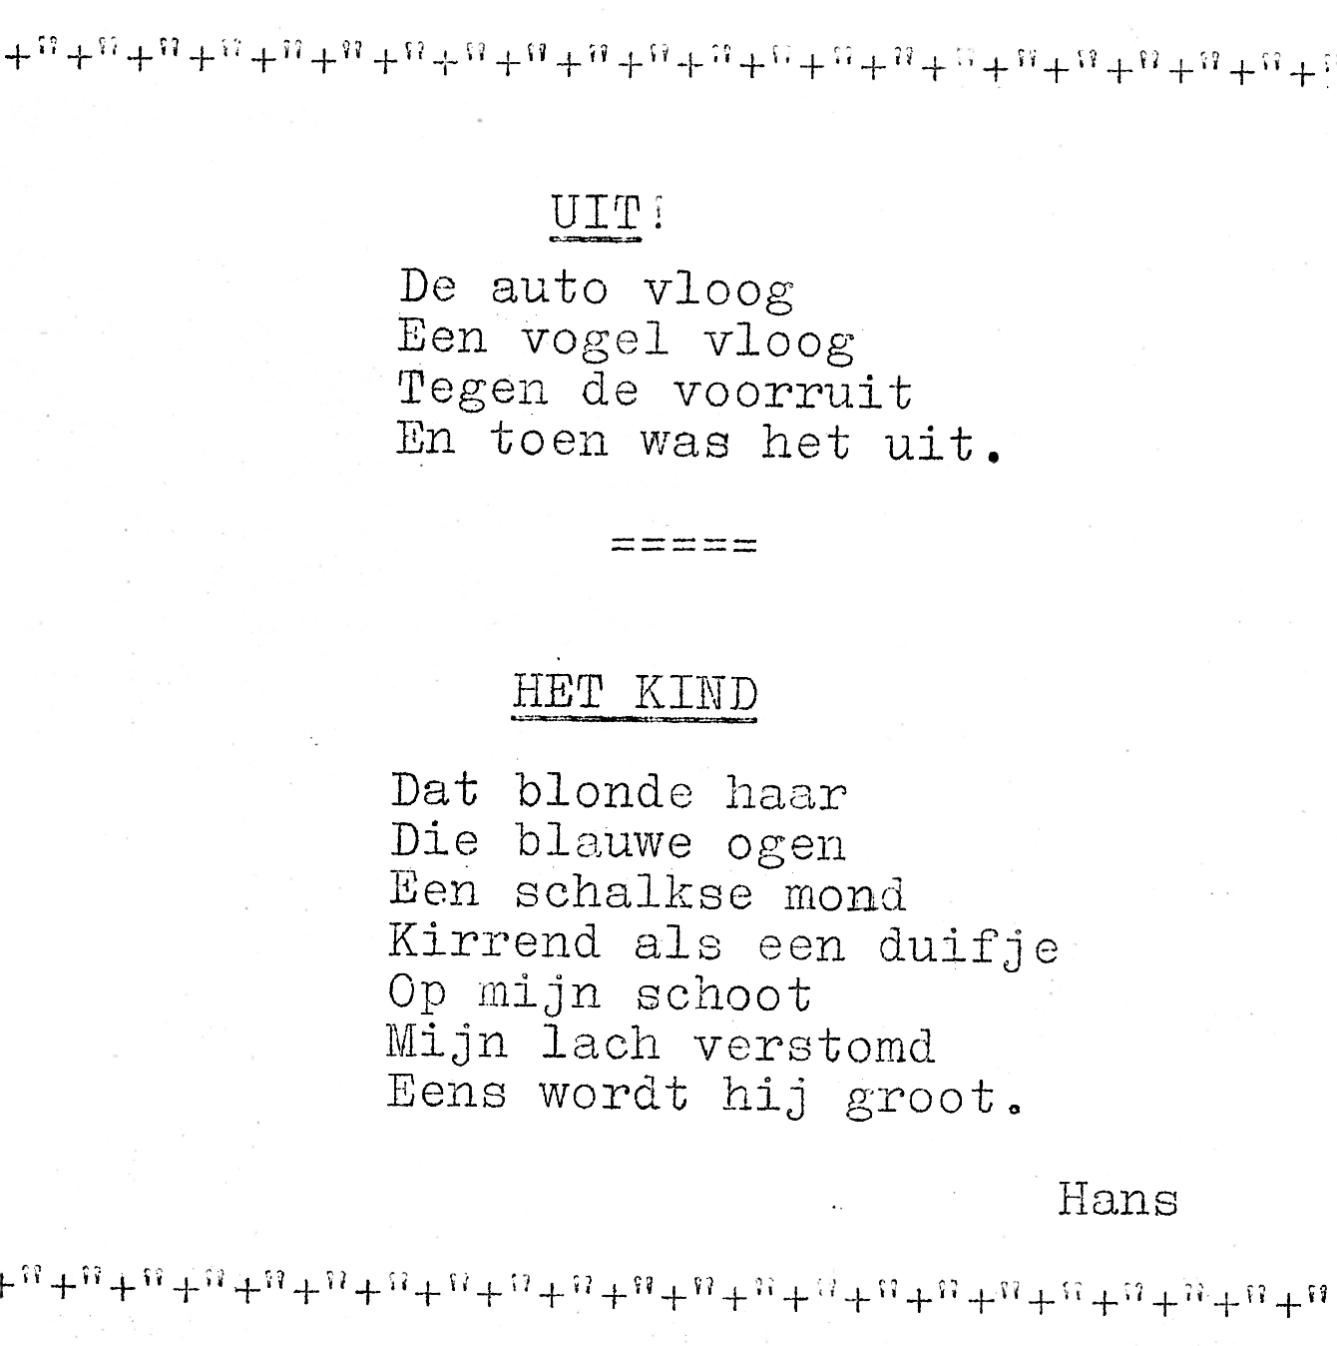 gedicht 40 jarig dienstjubileum 40 Jarig Jubileum Werk Speech   ARCHIDEV gedicht 40 jarig dienstjubileum